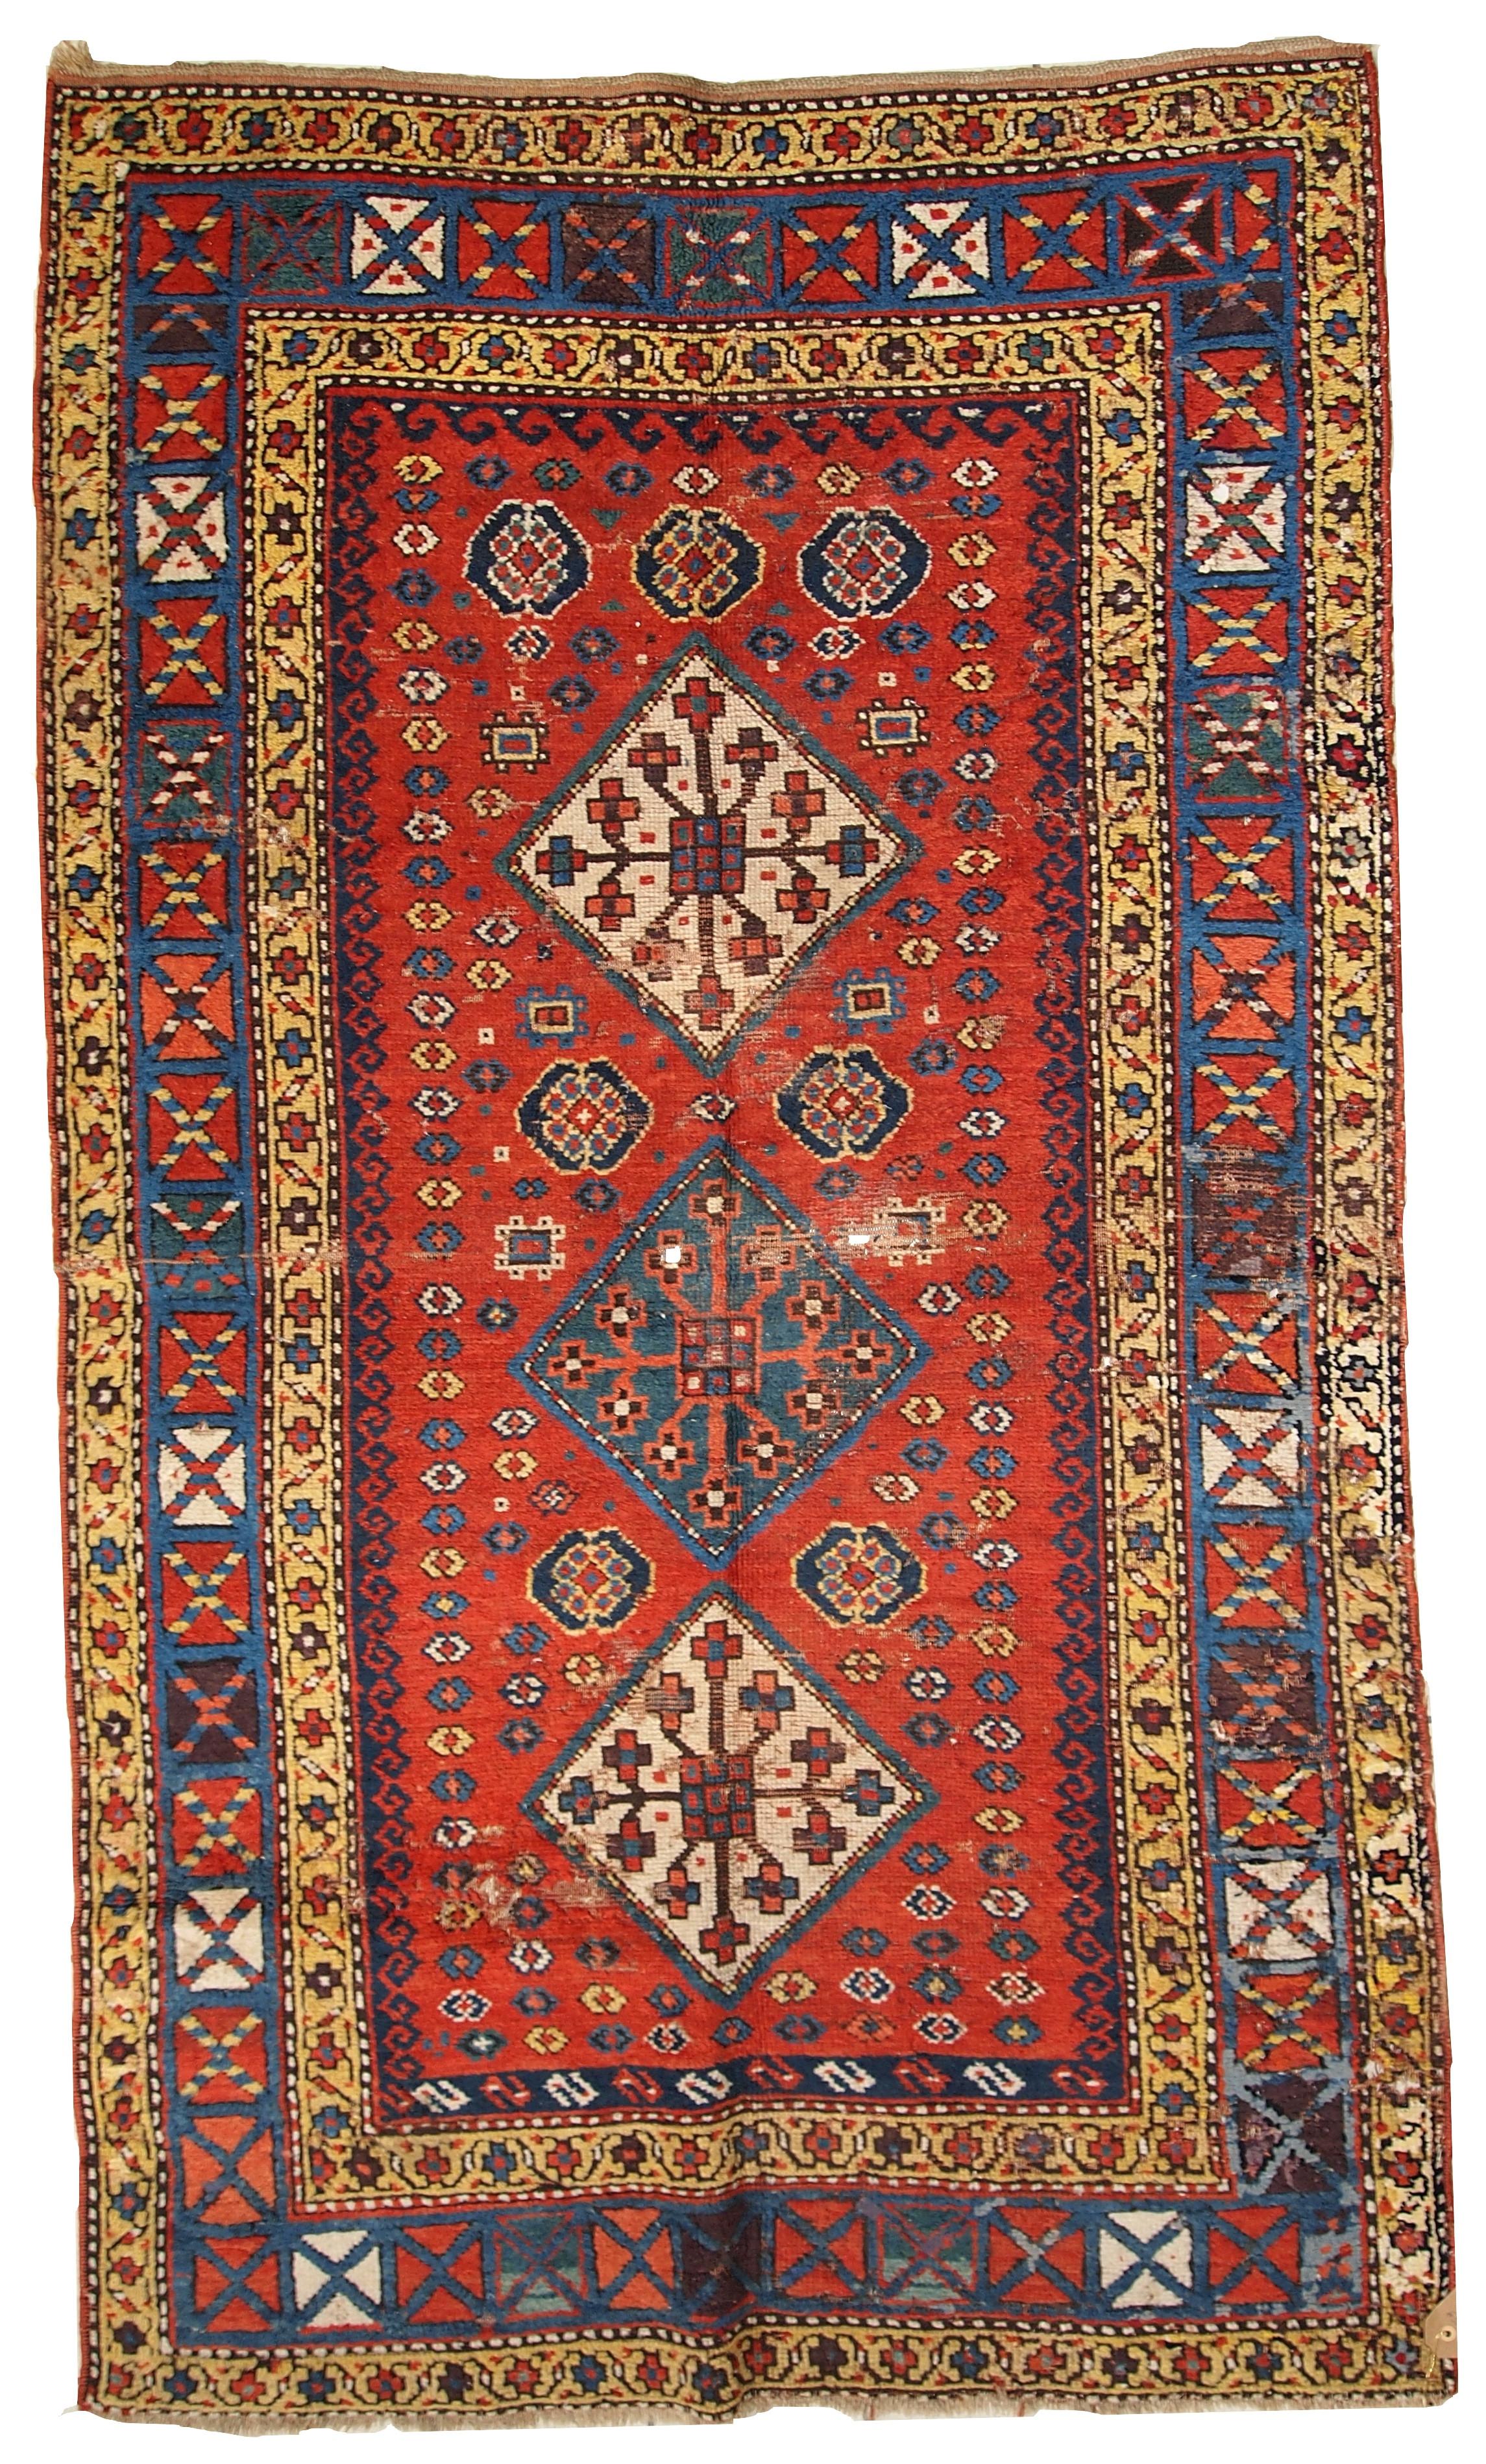 Handmade Antique Caucasian Kazak Rug